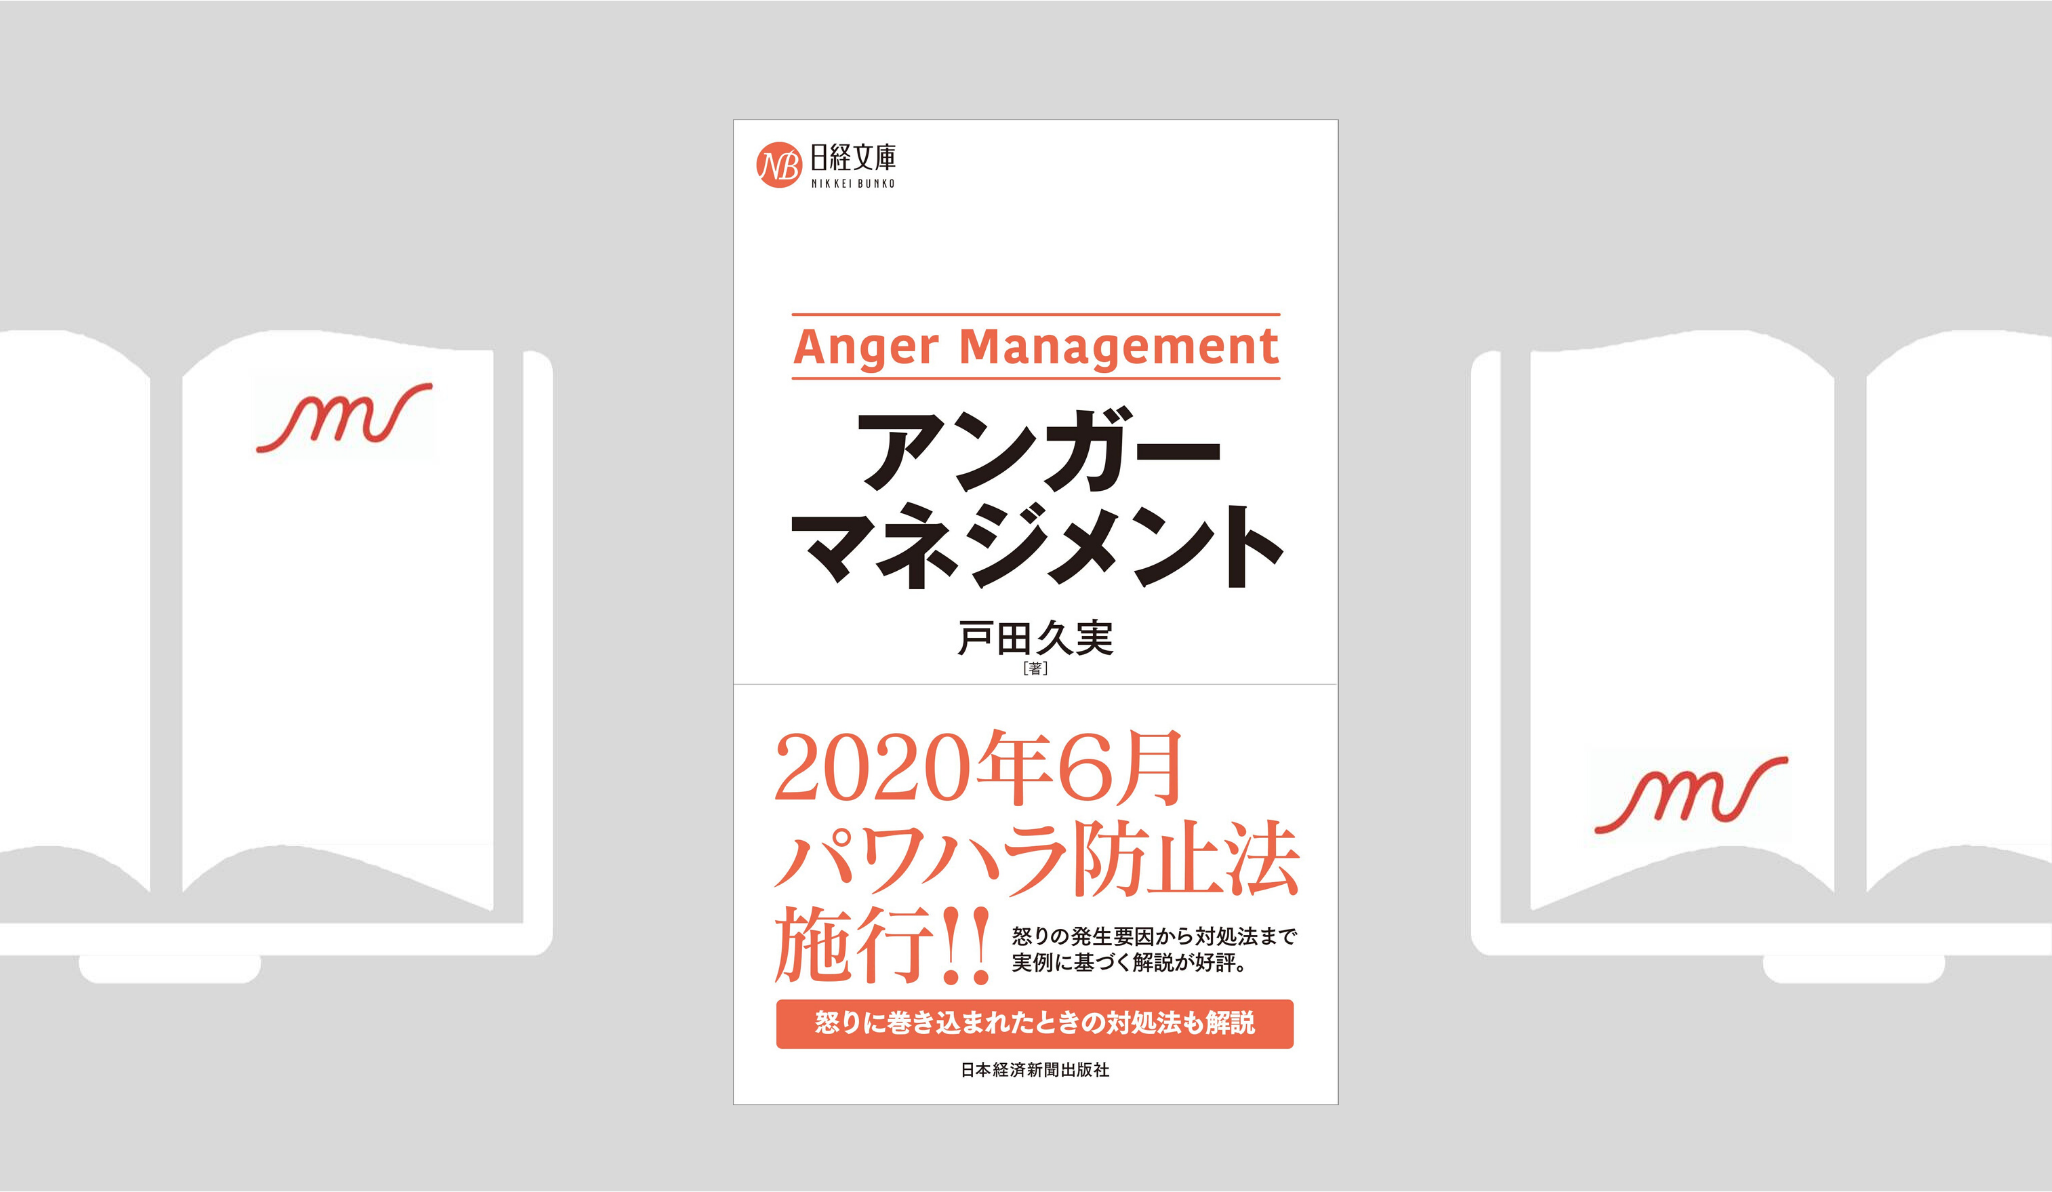 『アンガーマネジメント』戸田 久実